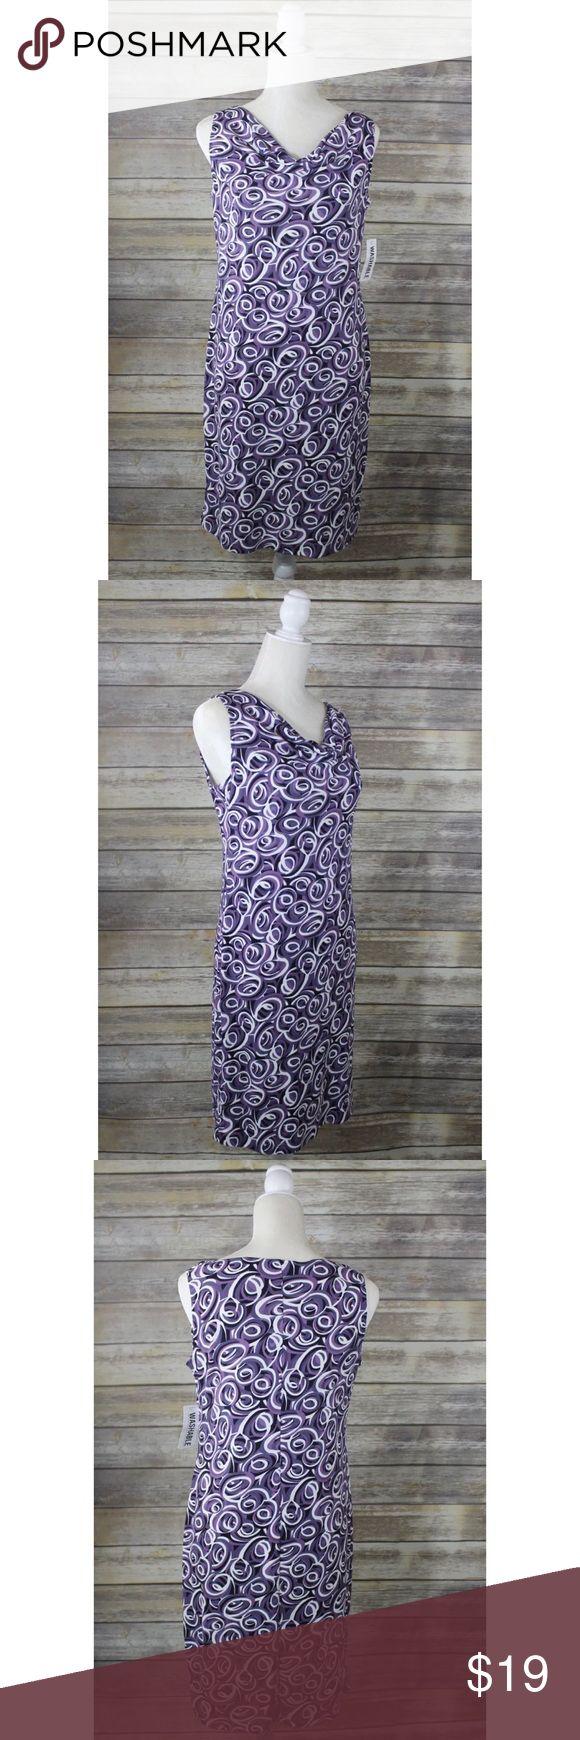 """New Worthington Purple Swirl Cowl Neck Dress New Worthington Petite Dress Purple Swirl Sleeveless Knee Length Bateau Cowl Size: 8P Please see photos for details.   Measurements: Armpit to armpit: 17.5"""" Length: 36"""" Worthington Dresses"""